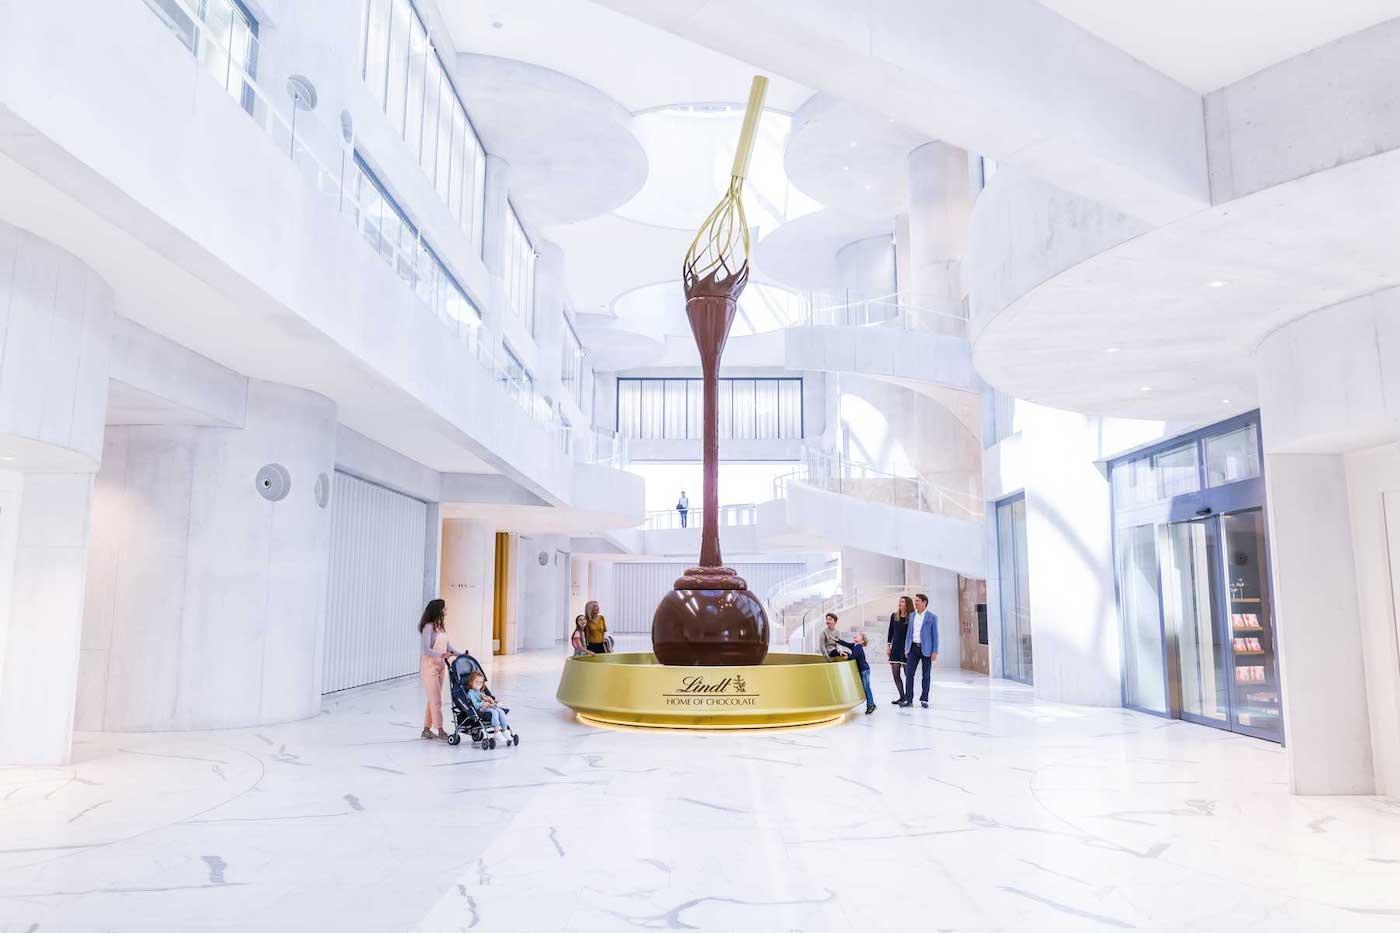 """Lindt ouvre un musée du chocolat aux airs de """"Charlie et la Chocolaterie"""""""